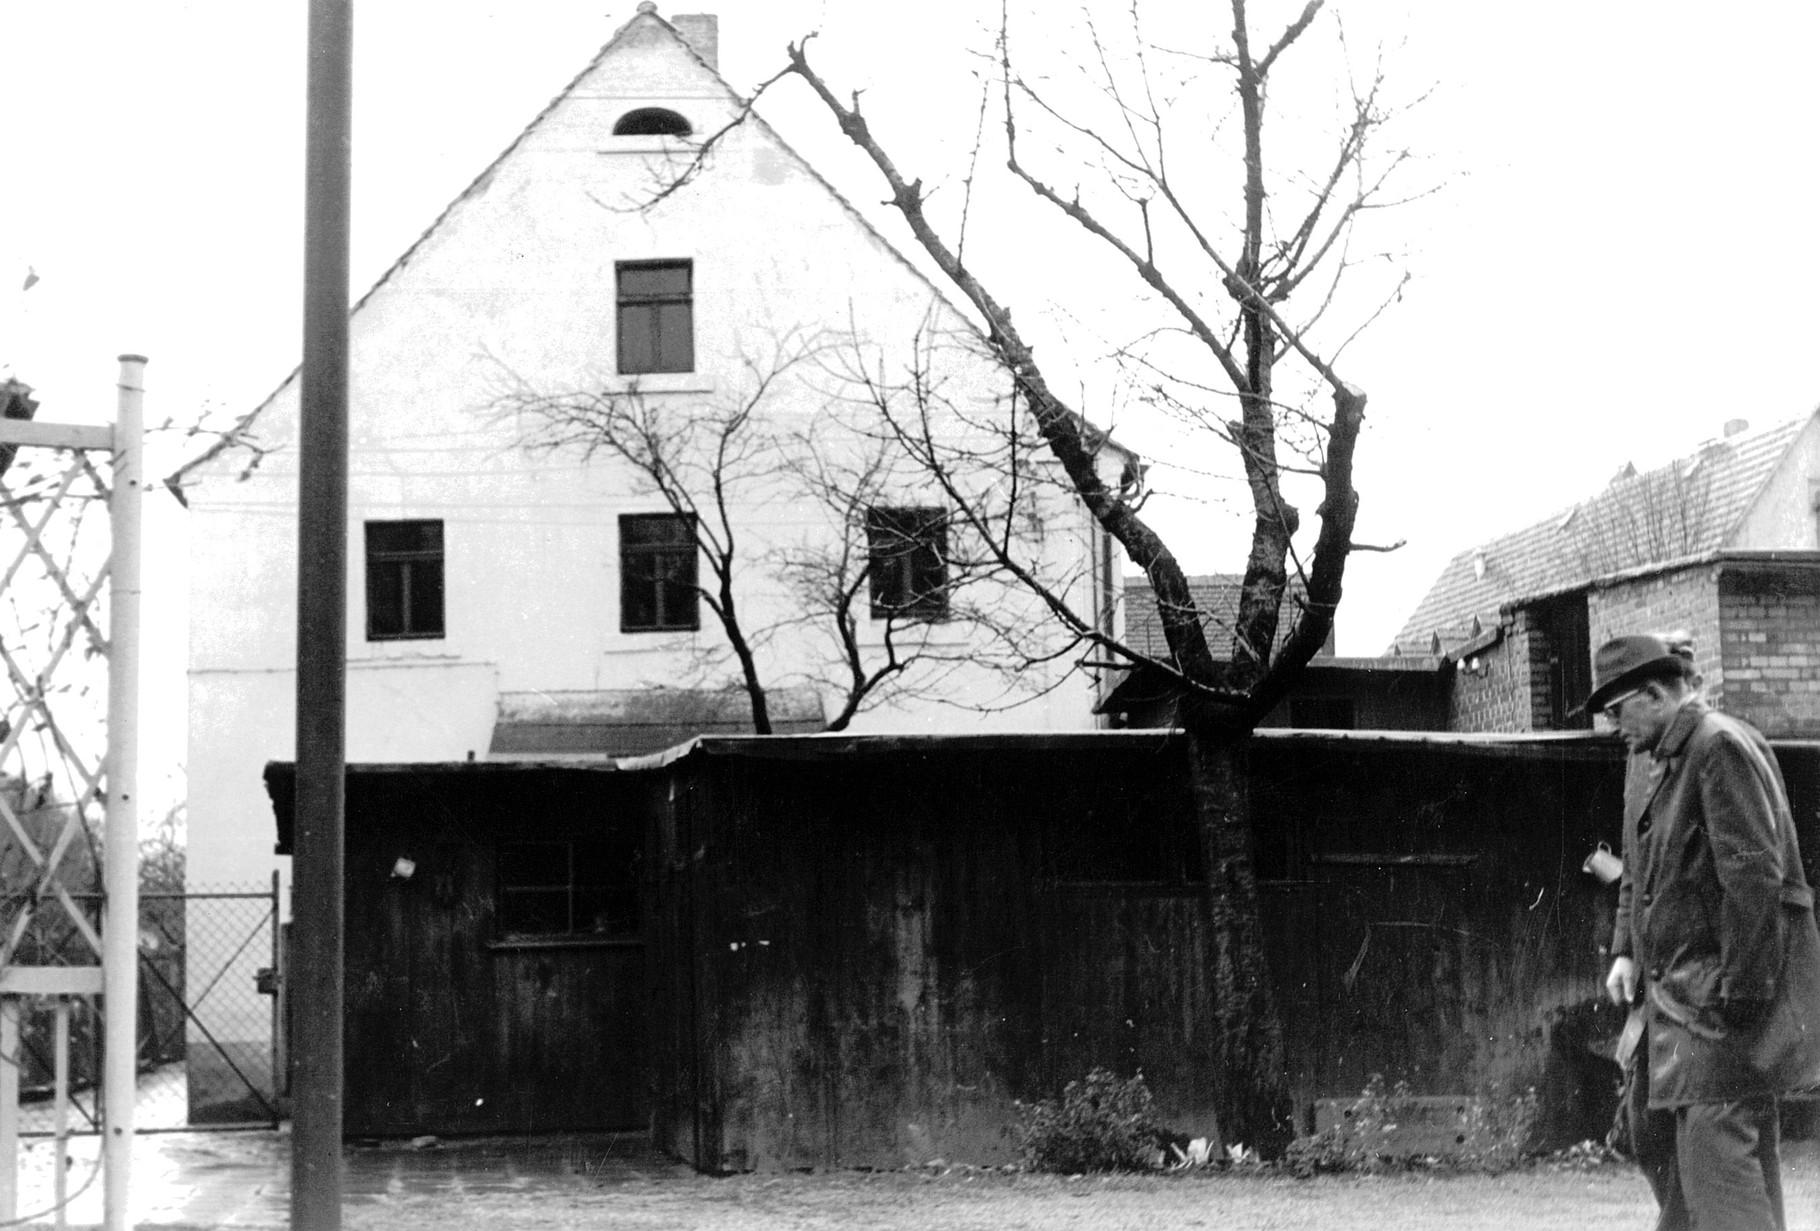 Zweiter Firmensitz in Zwickau-Weißenborn vor dem Umbau - ca. 1960